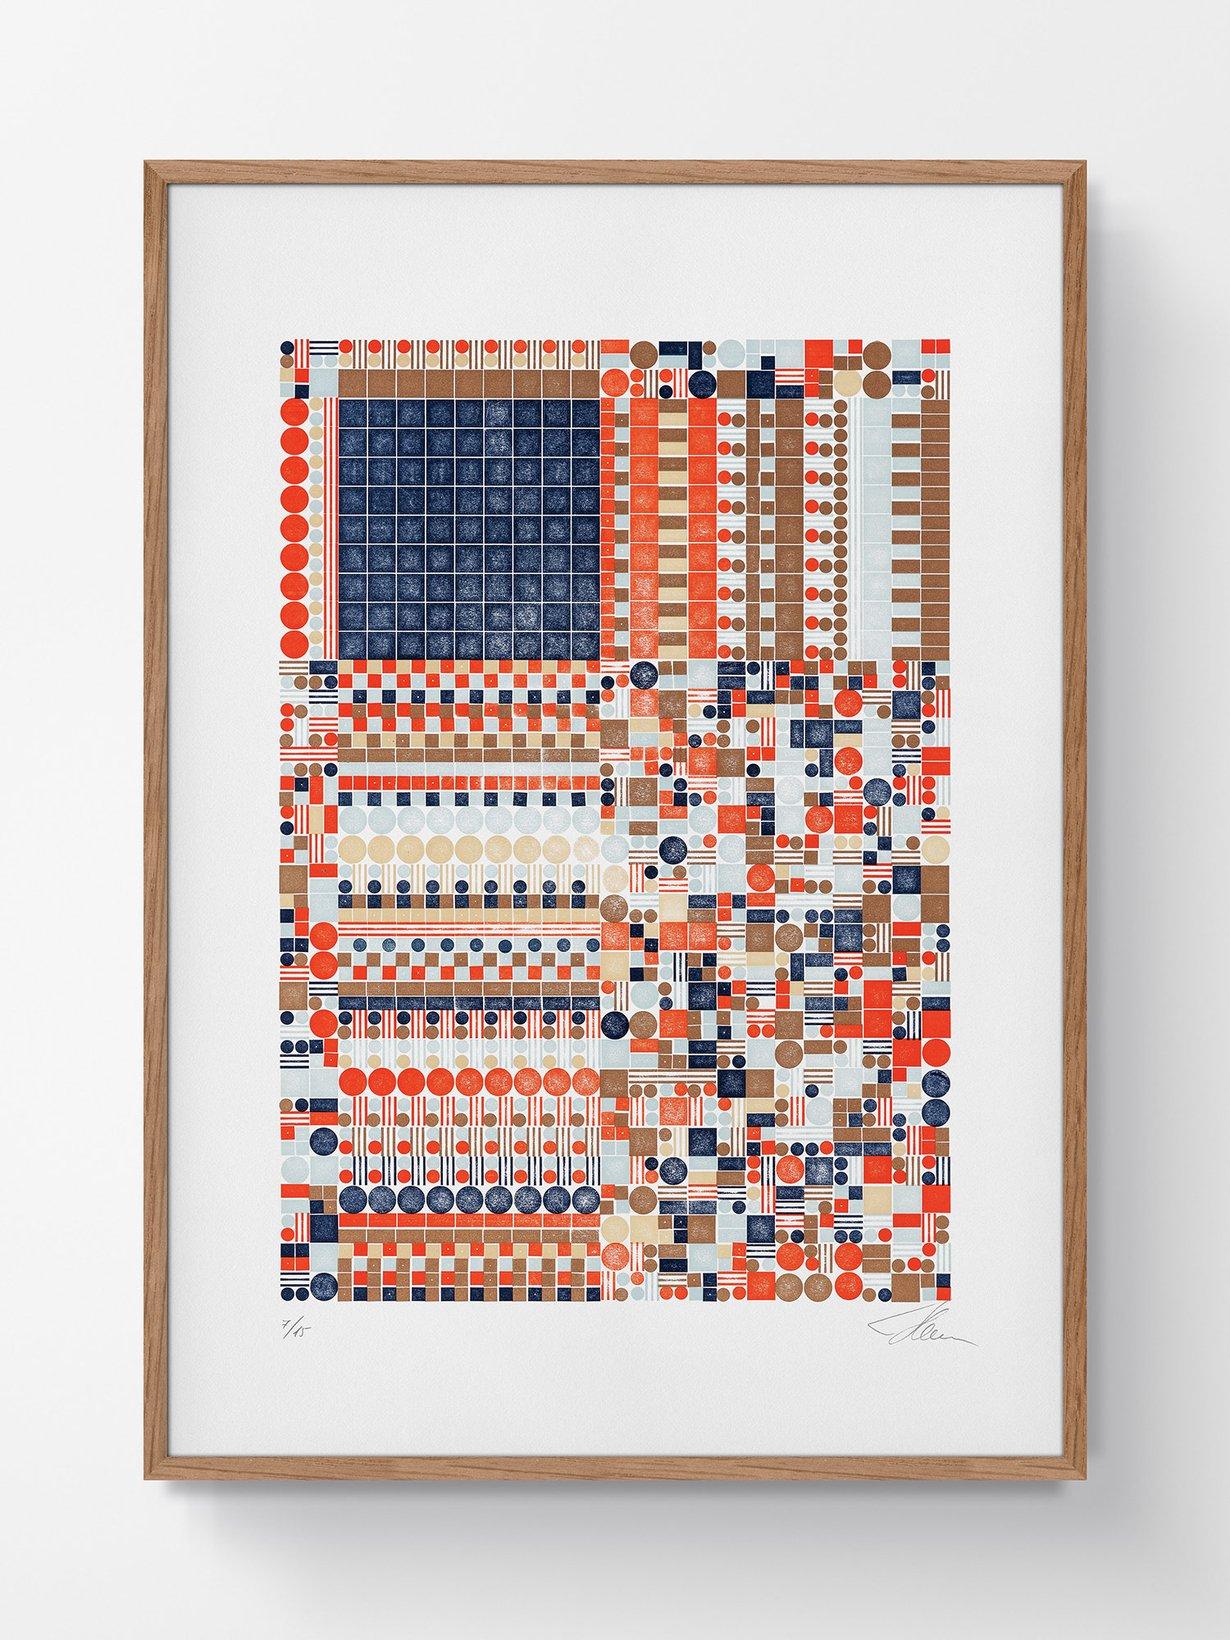 frame-1500x2000-stellavie-letterpress-print-lego-glitch-A5c2_7eed1fa9-f60c-4c7c-ba39-15a73bb0fbf7_2480x1640